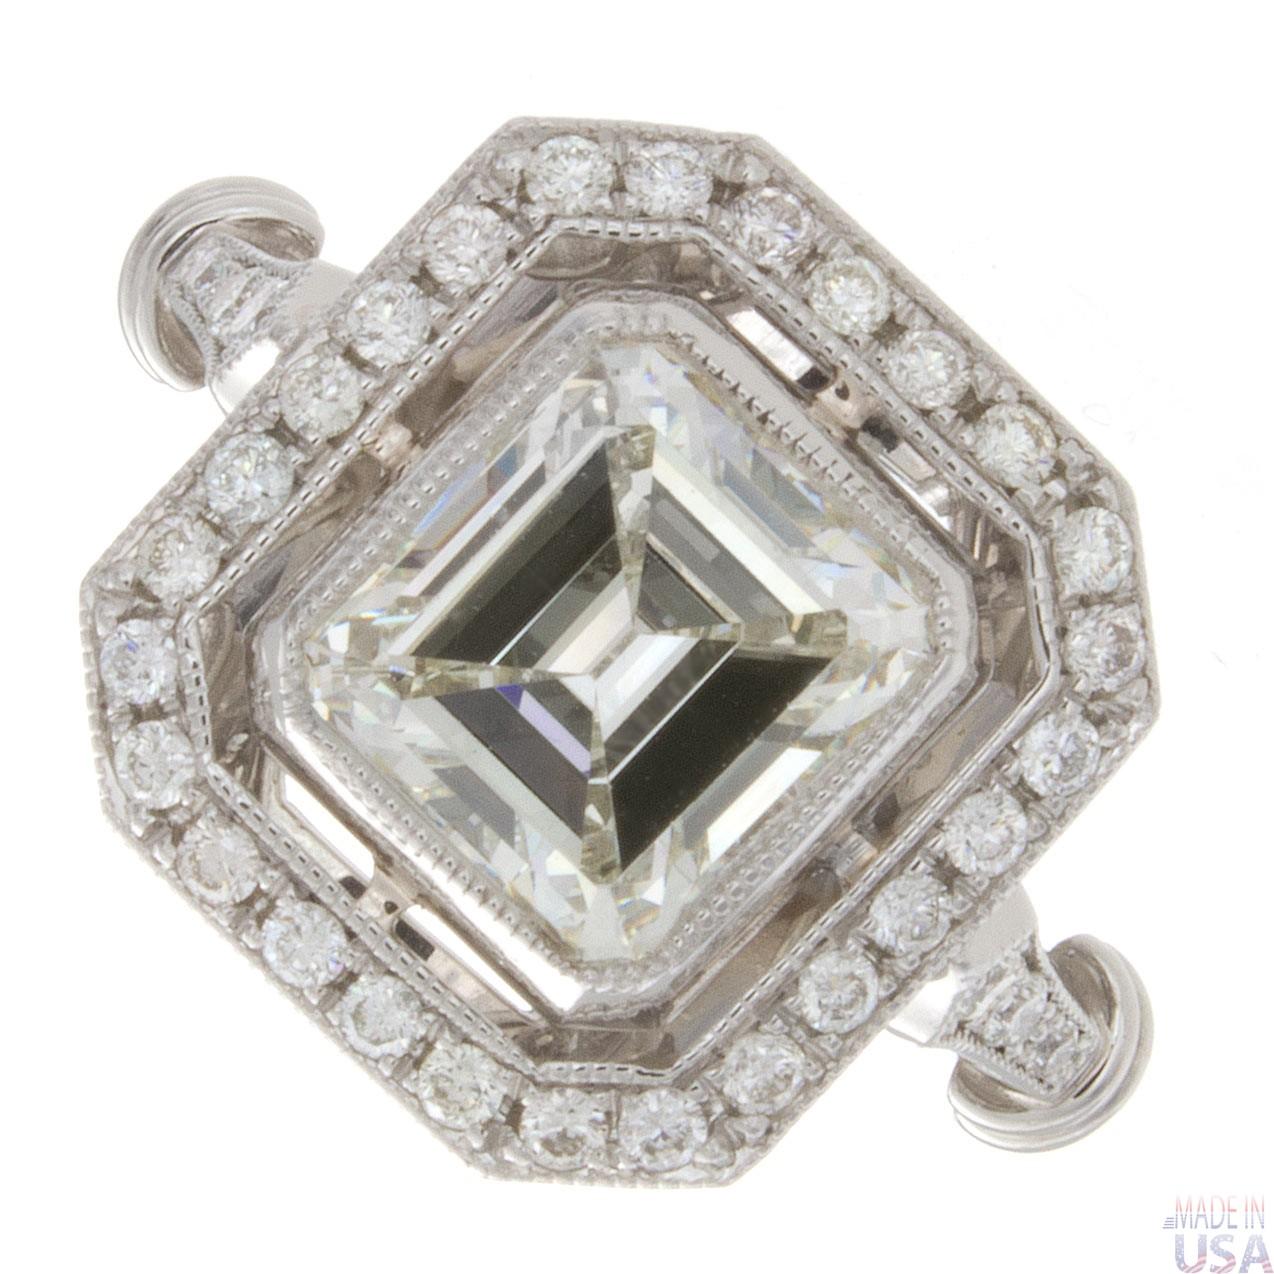 2 00ct certified emerald cut antique platinum